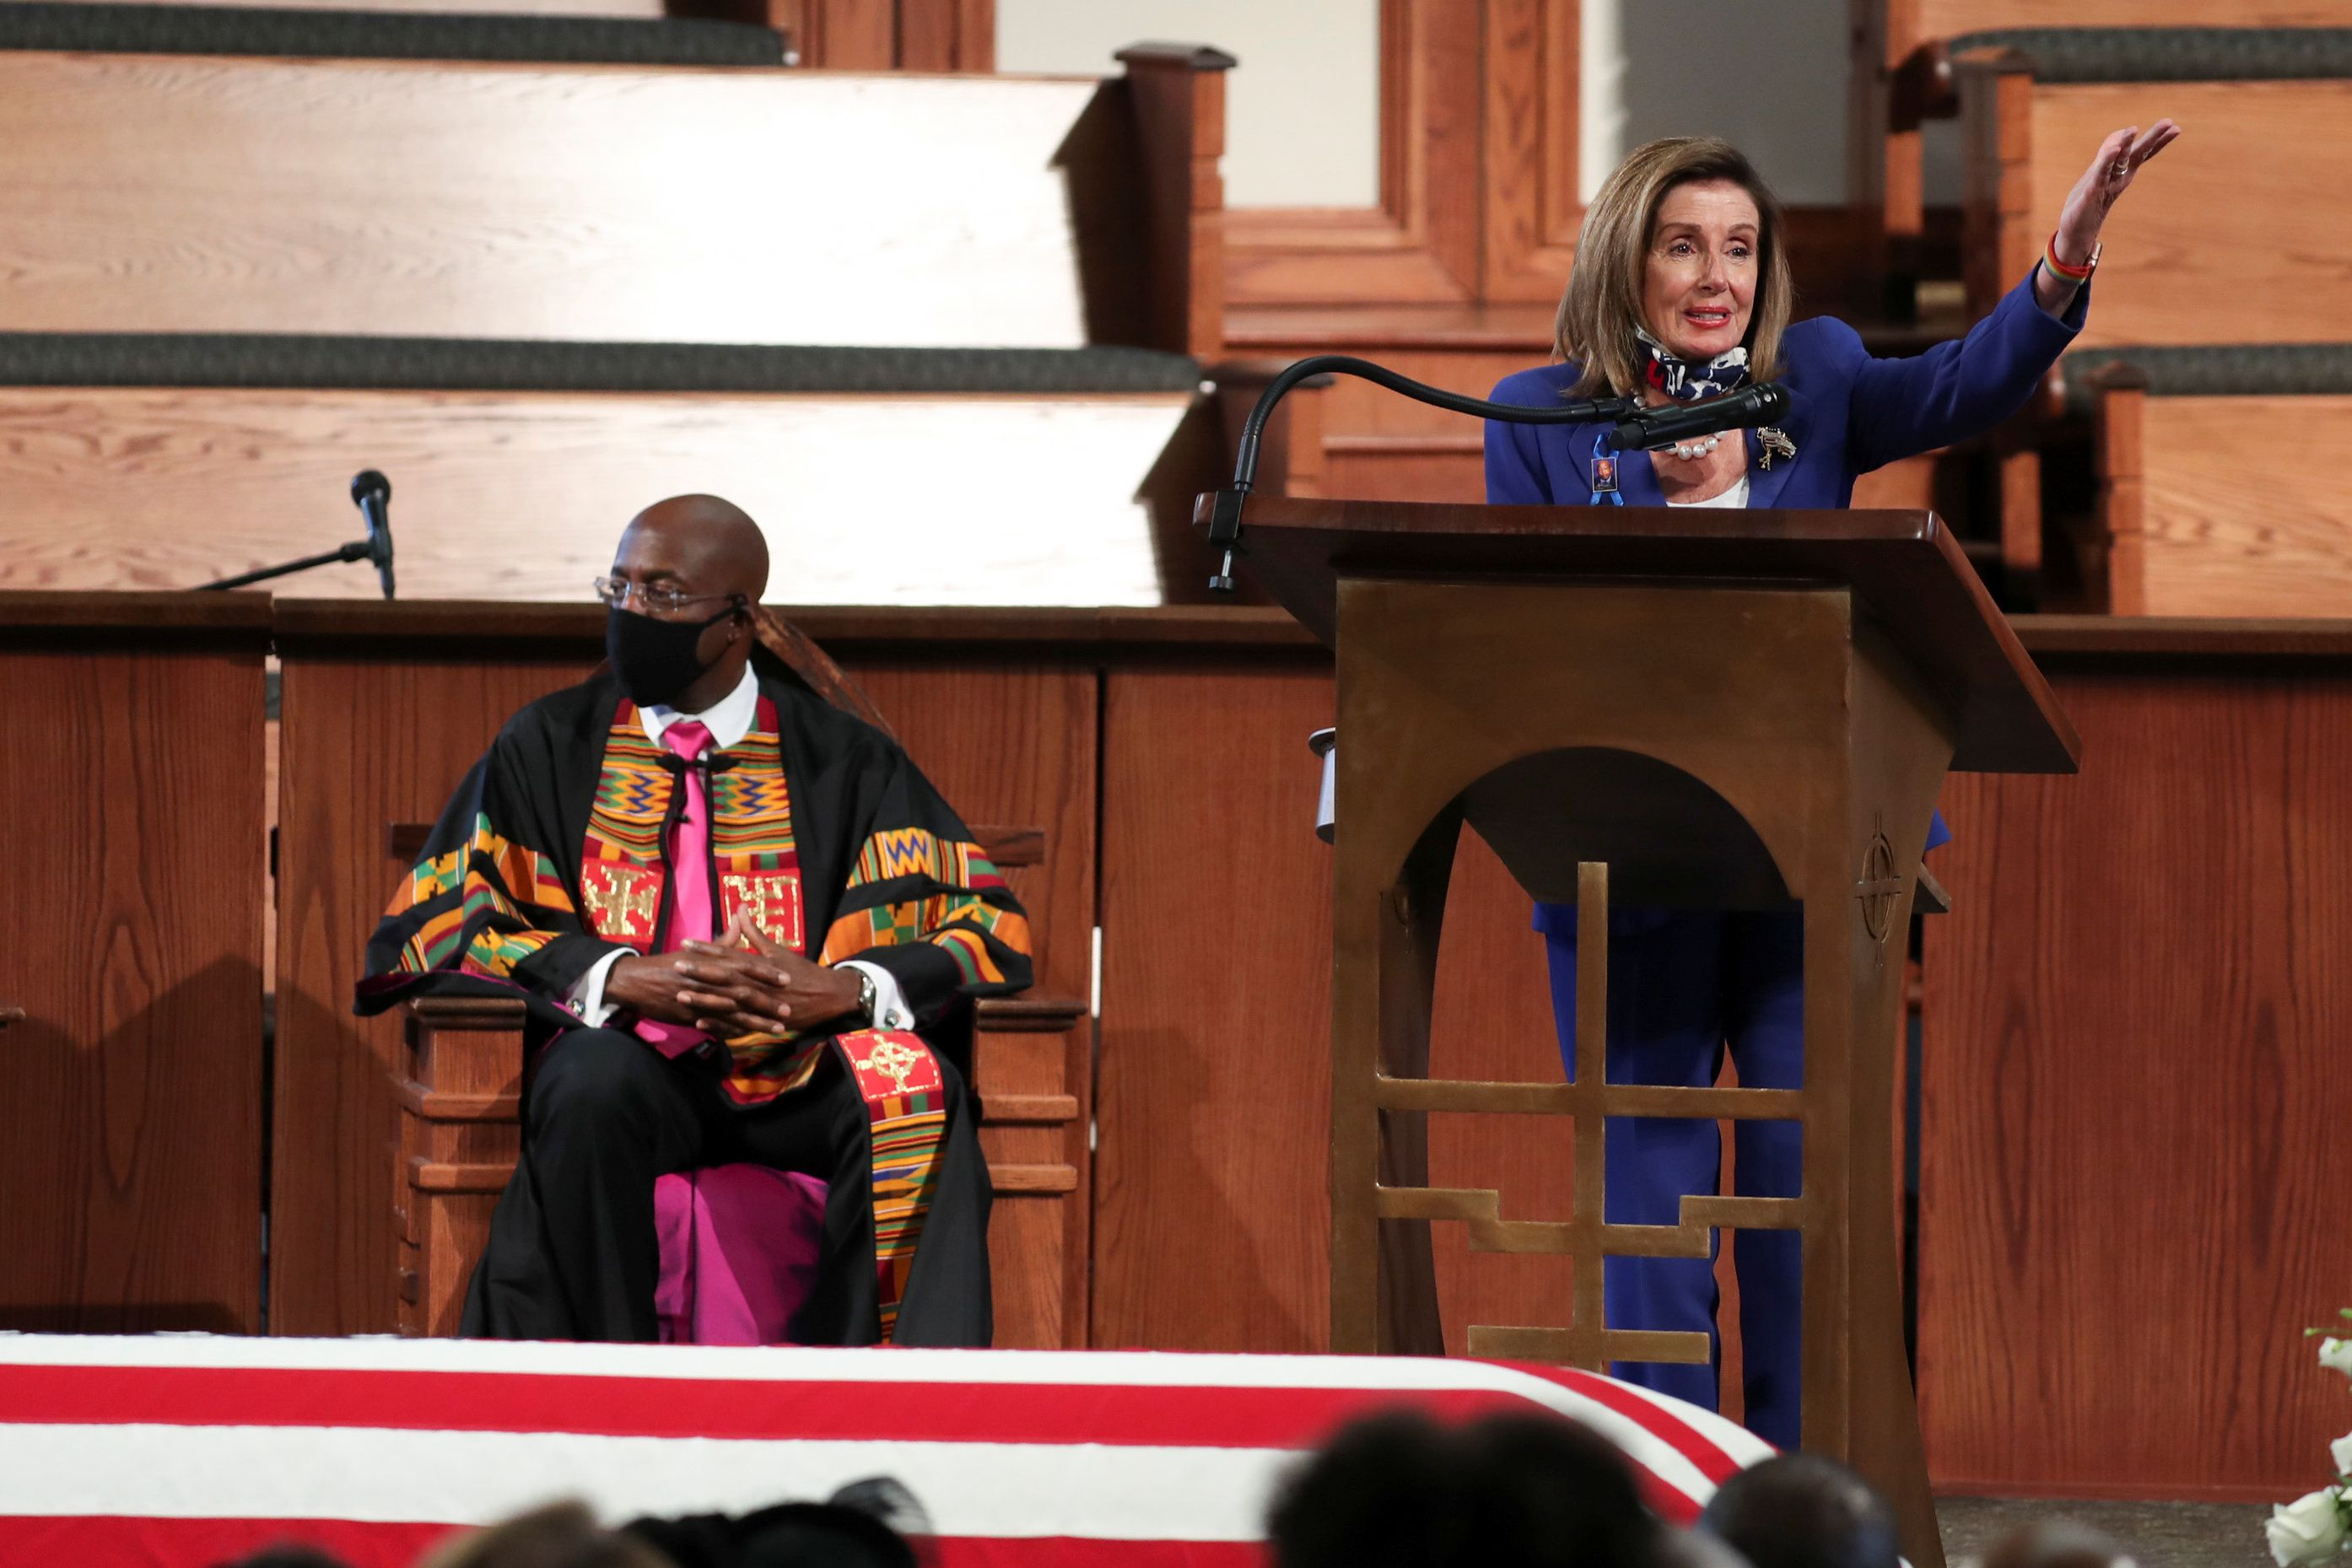 Nancy Pelosi dio un emotivo discurso para conmemorar a John Lewis  (Alyssa Pointer/Pool via REUTERS)